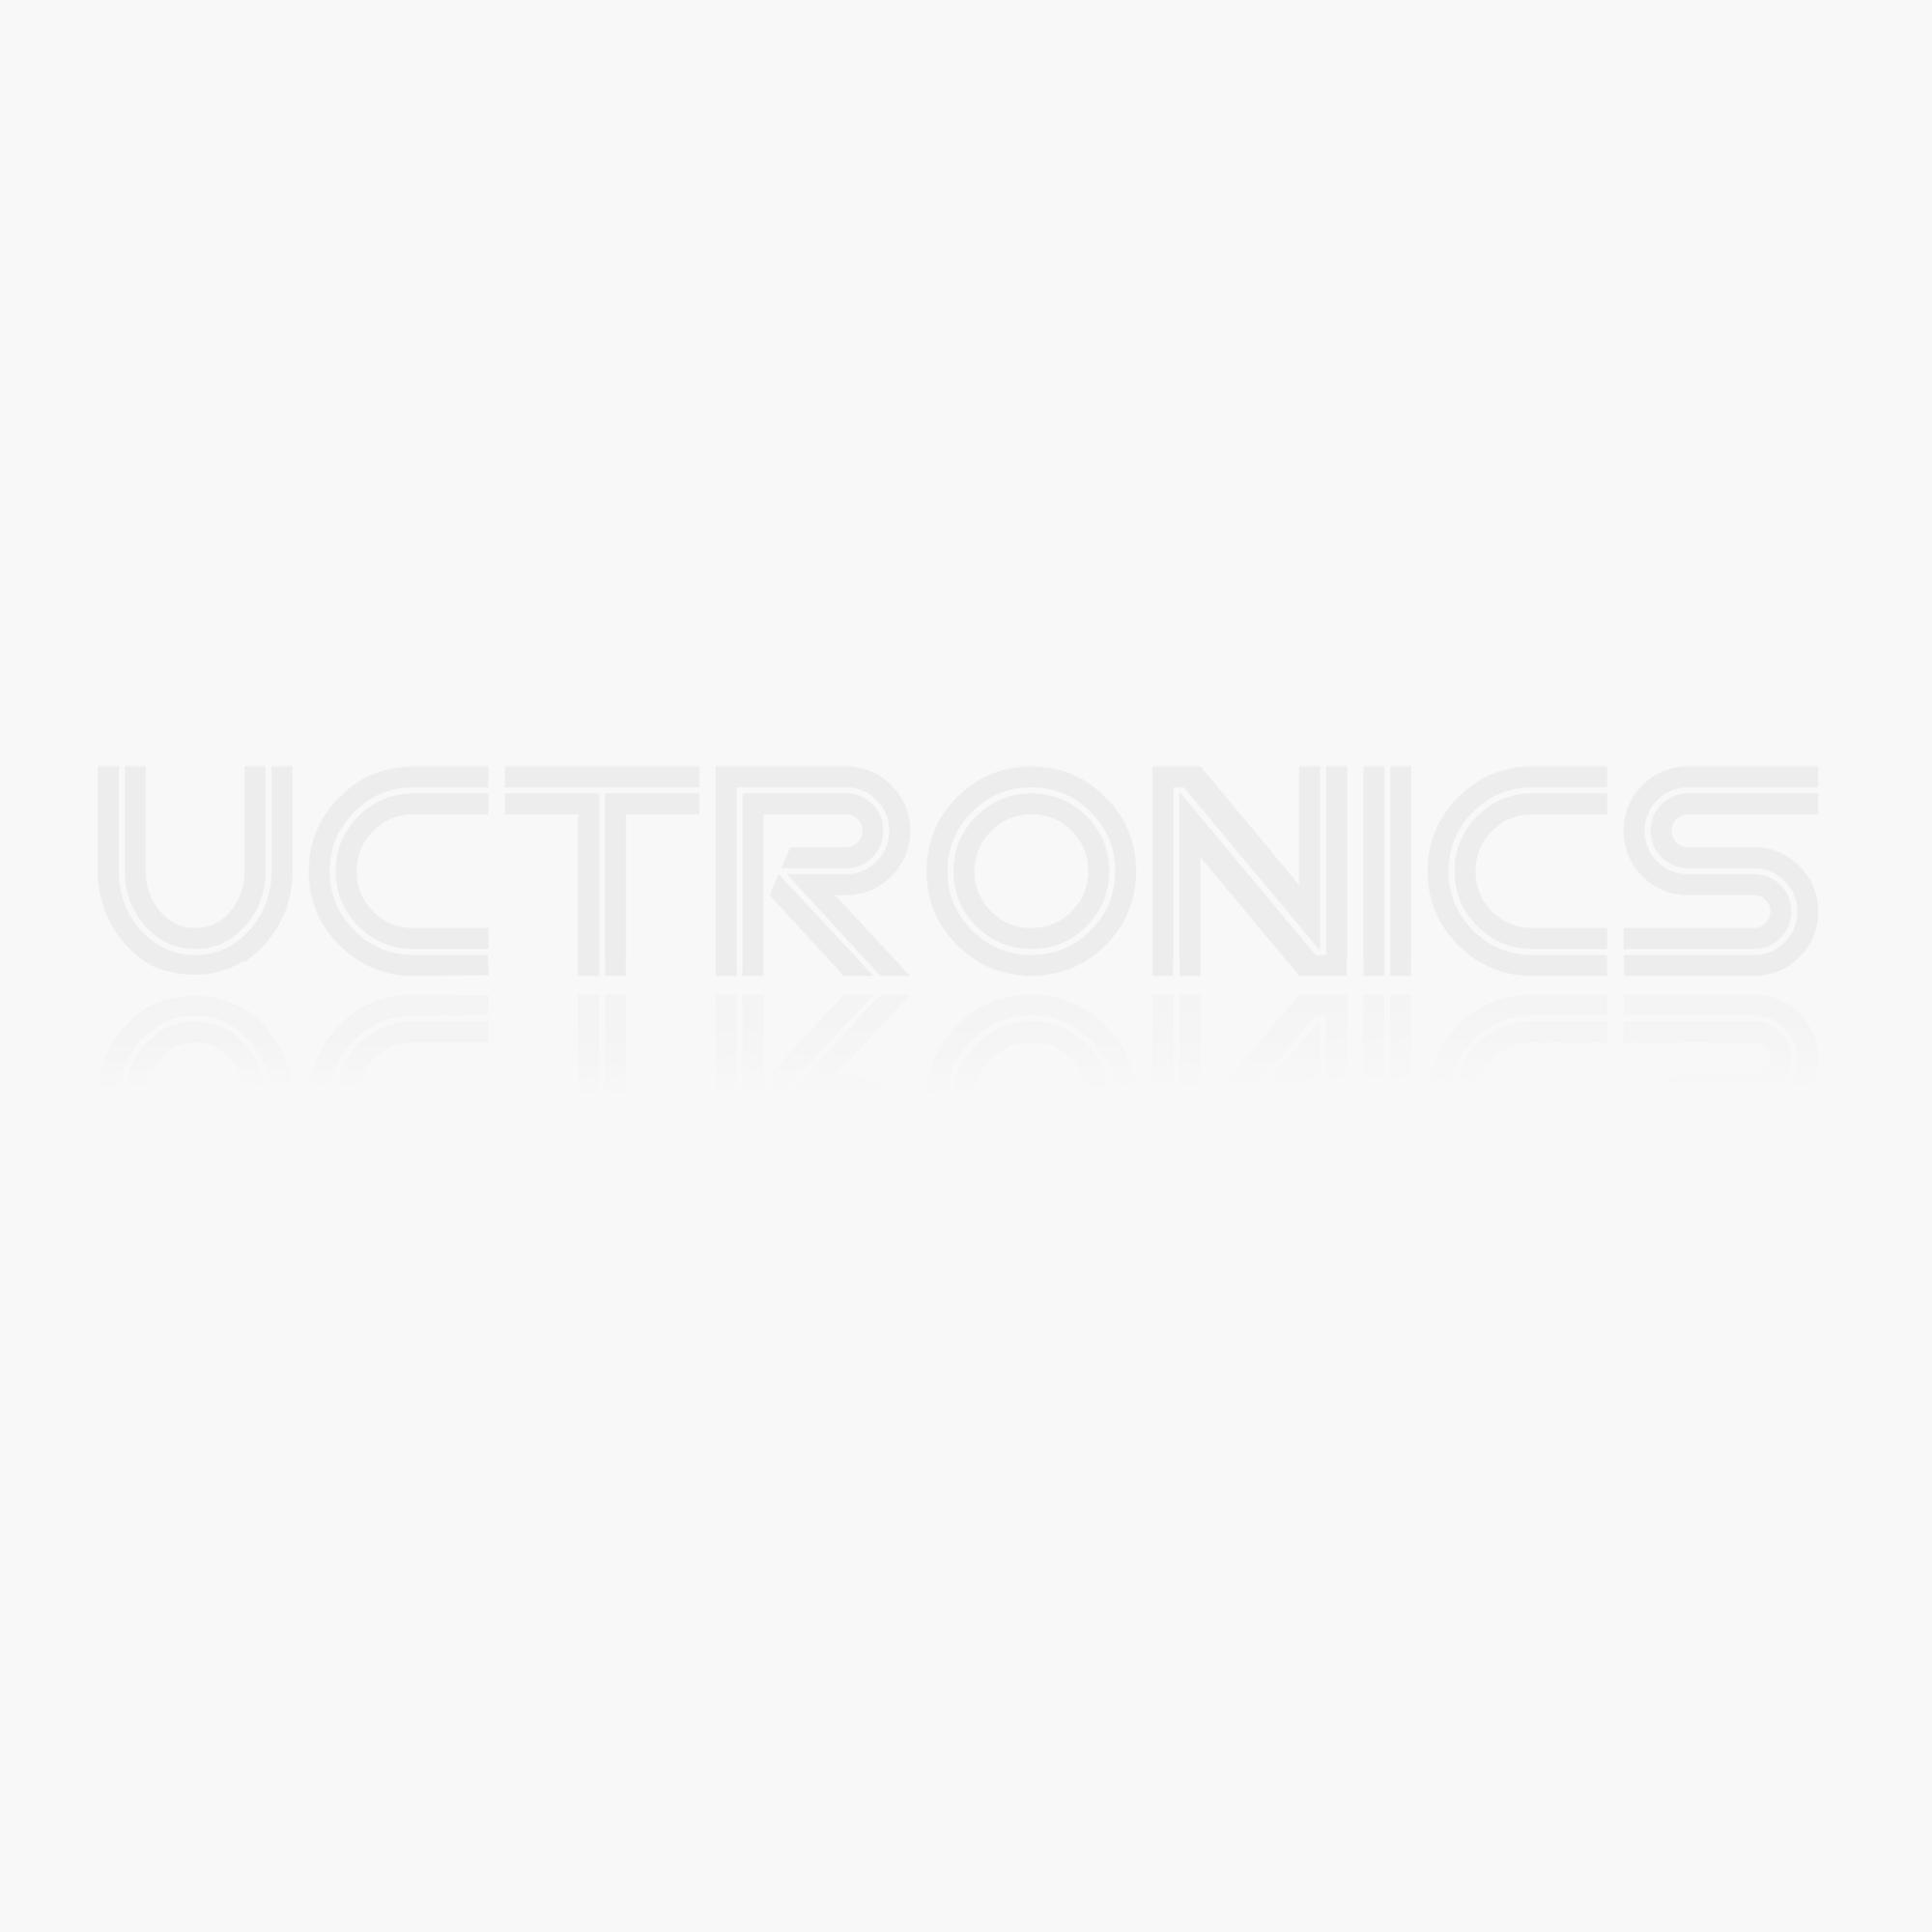 DC 4.5-30V Digital Voltage Meter - Blue